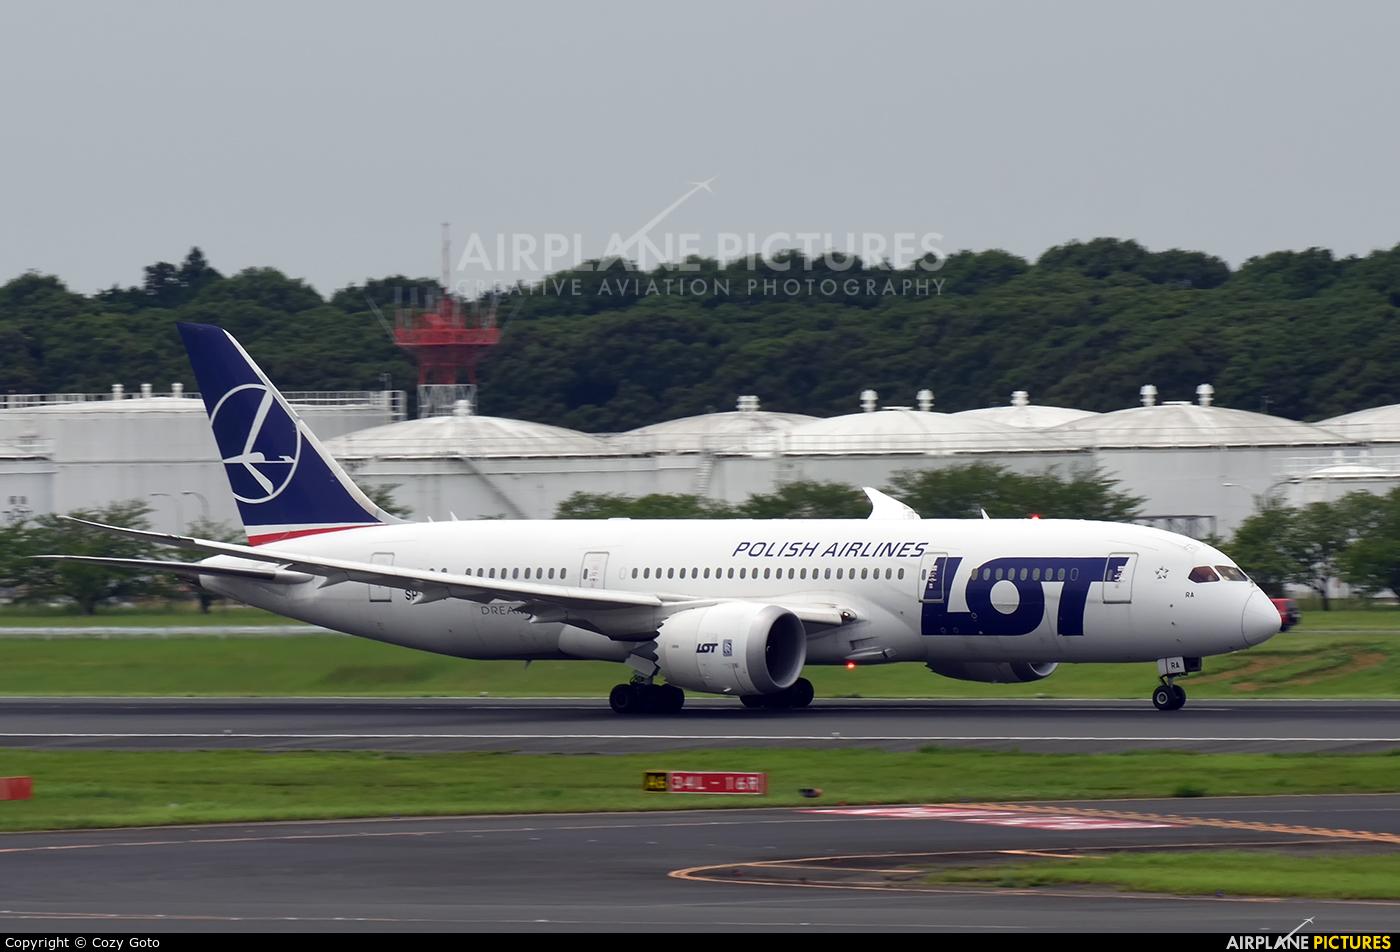 LOT - Polish Airlines SP-LRA aircraft at Tokyo - Narita Intl